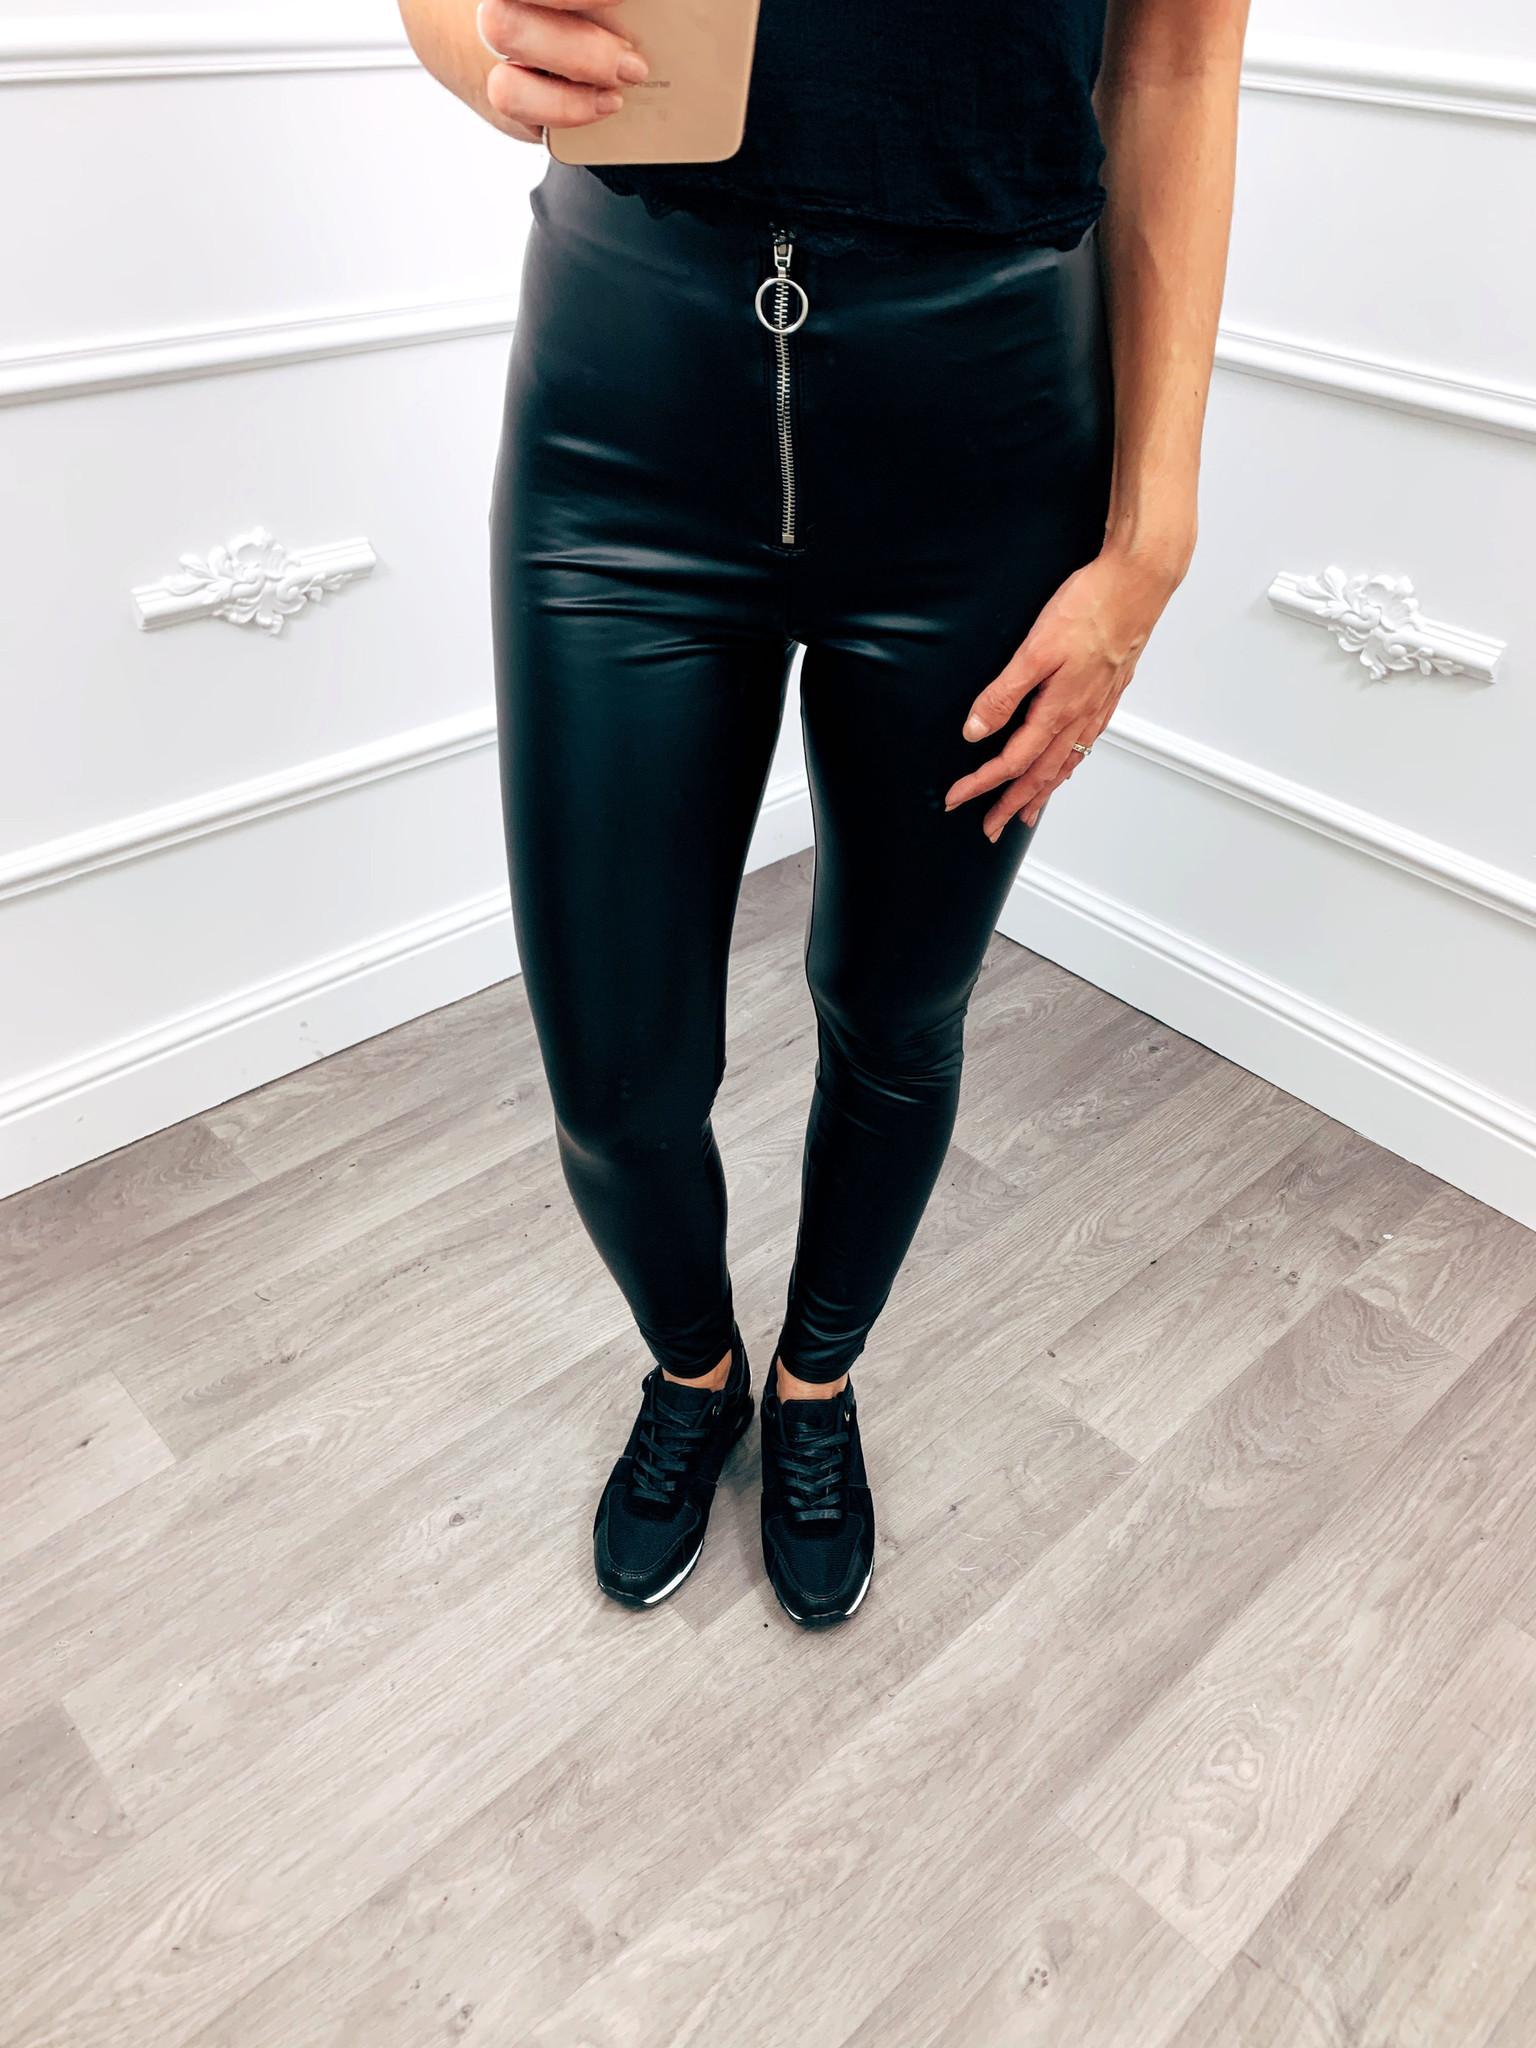 Deze legging is de trend van dit moment! combineer deze legging met onze nieuwste sweater dresses en jij hebt ...